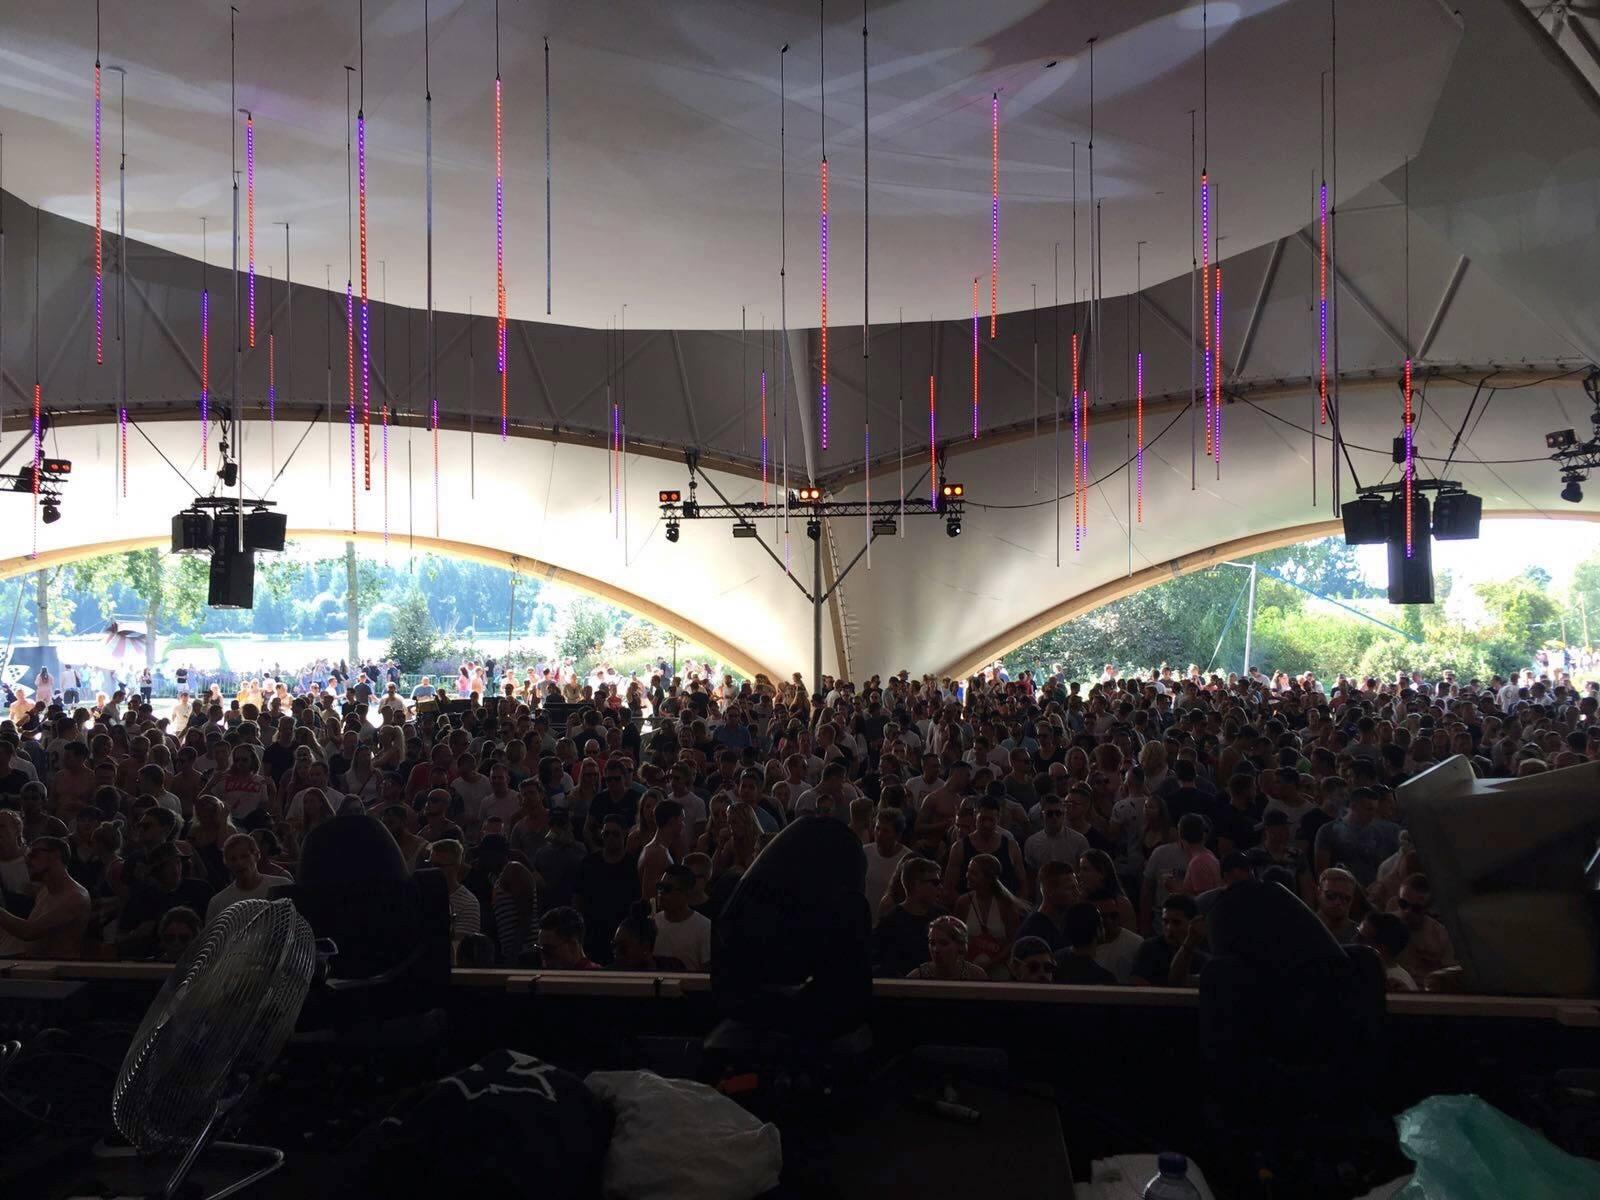 Techno Dome